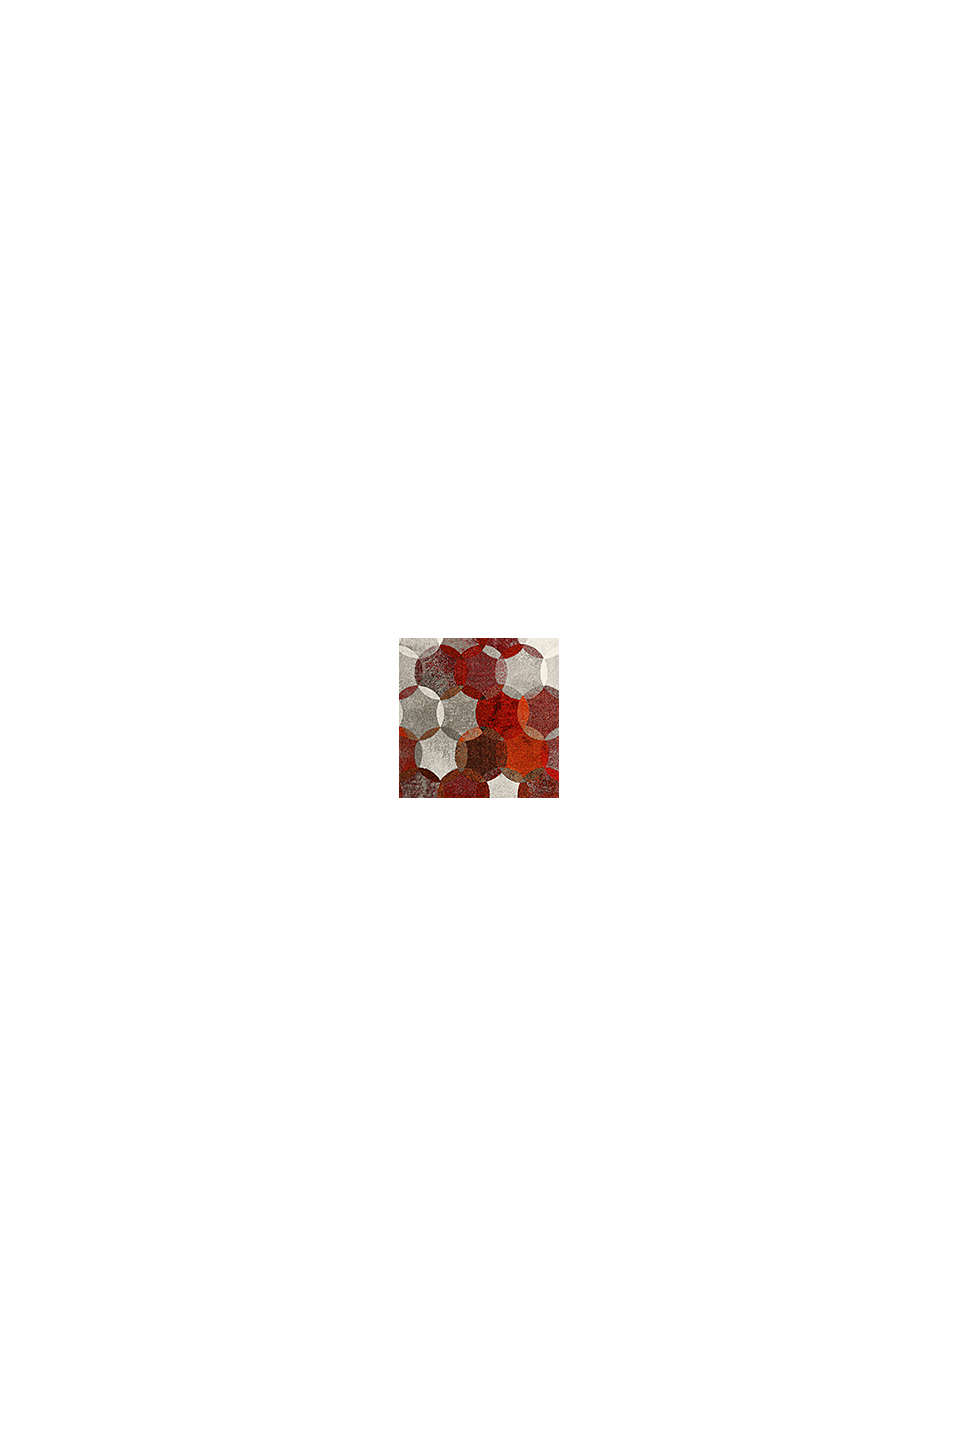 Kurzflor-Teppich mit symmetrischem Muster, ORANGE RED, swatch